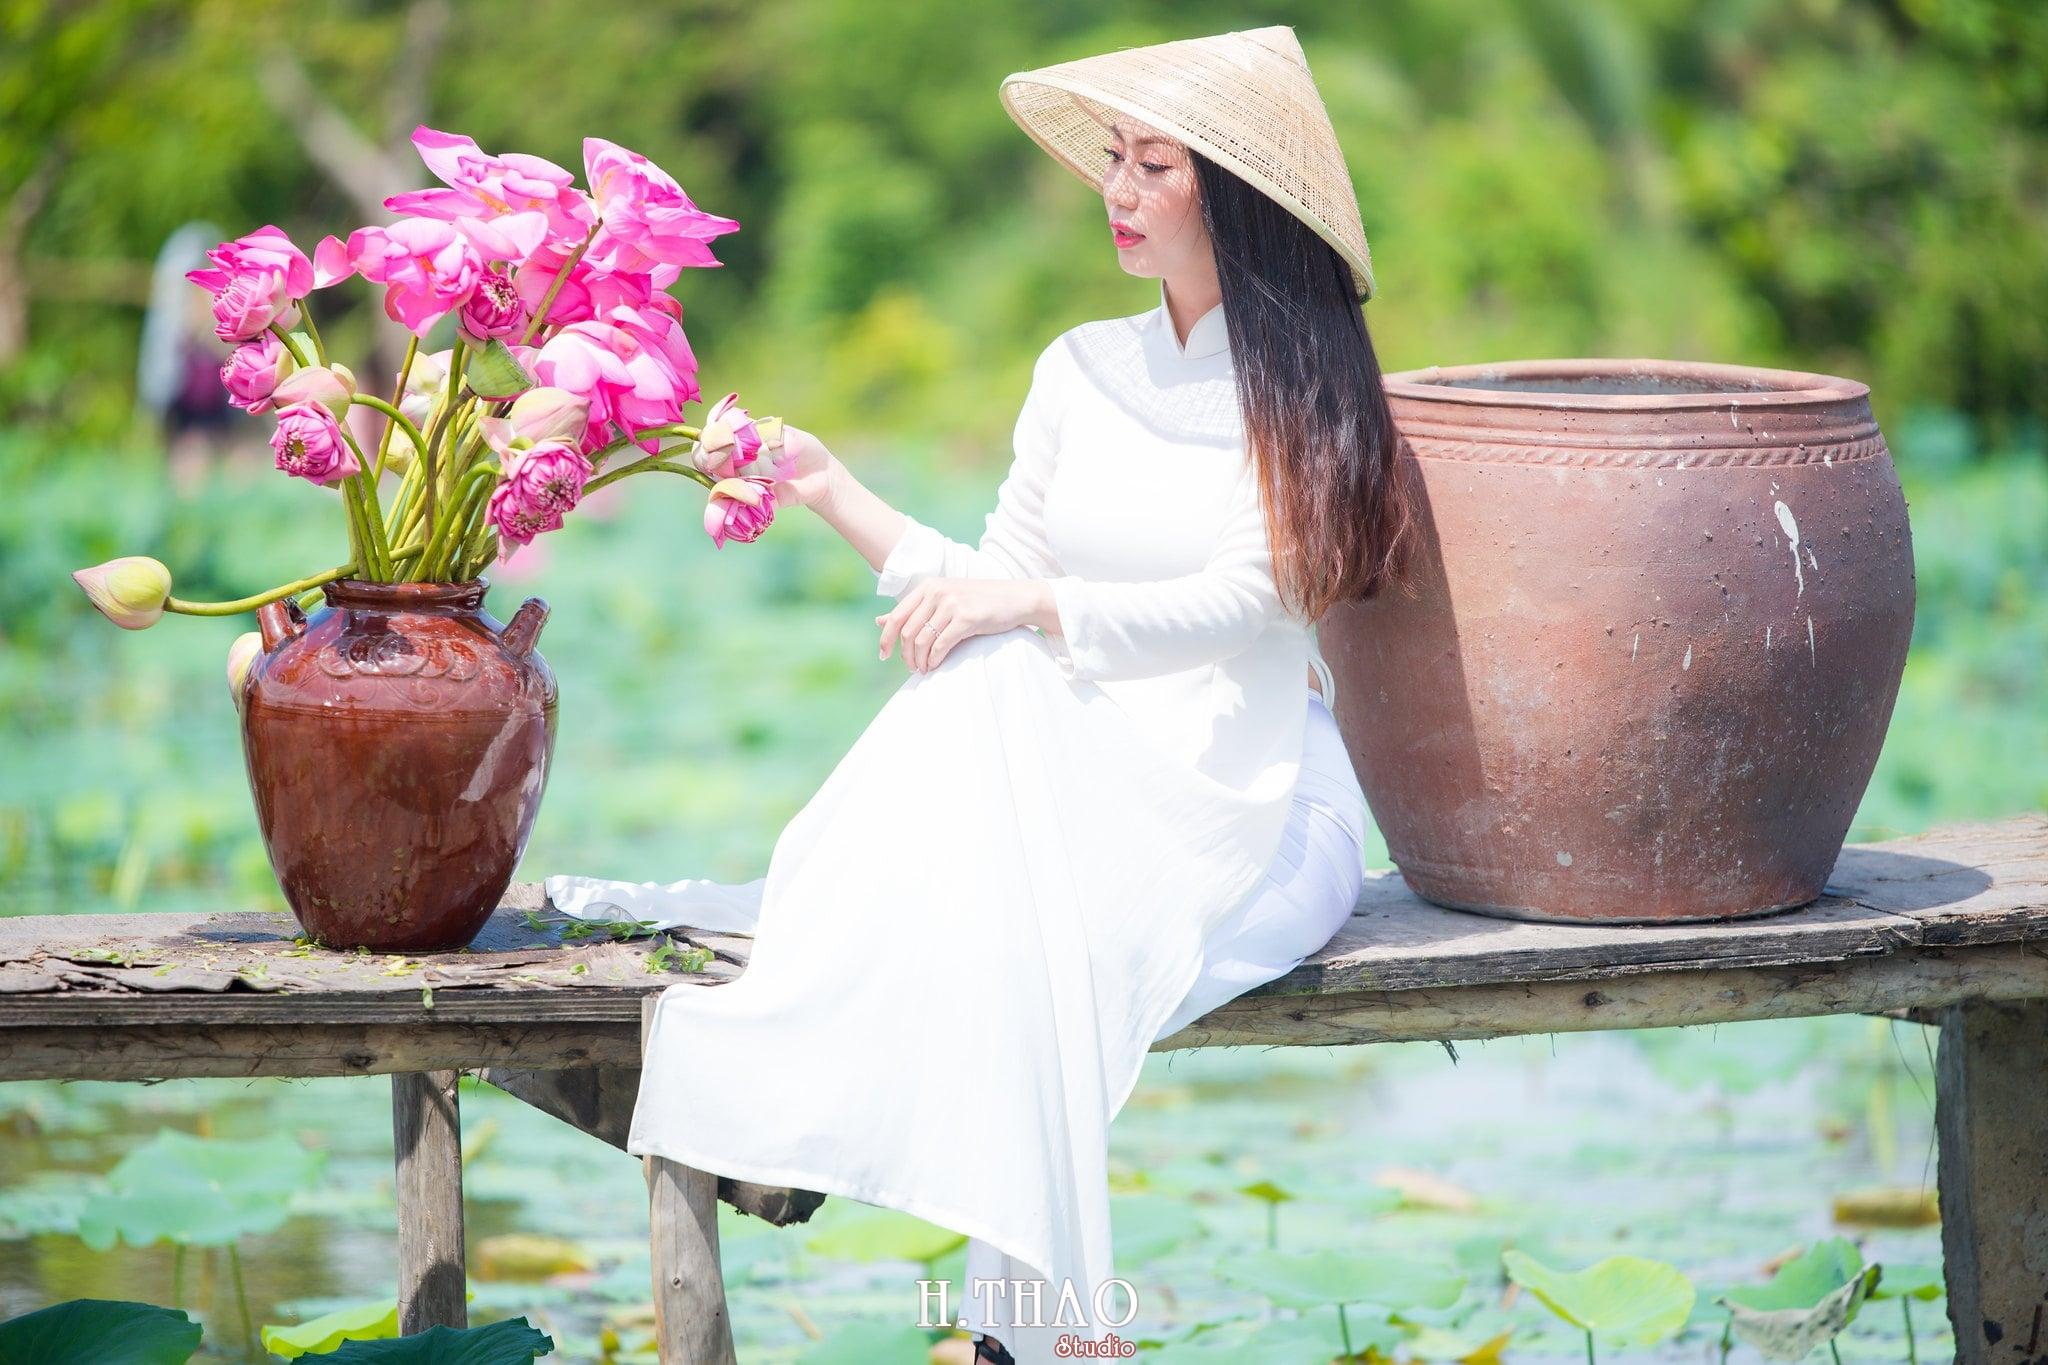 Chup hinh hoa sen 8 - Góc ảnh thiếu nữ bên hoa sen tam đa quận 9 tuyệt đẹp - HThao Studio